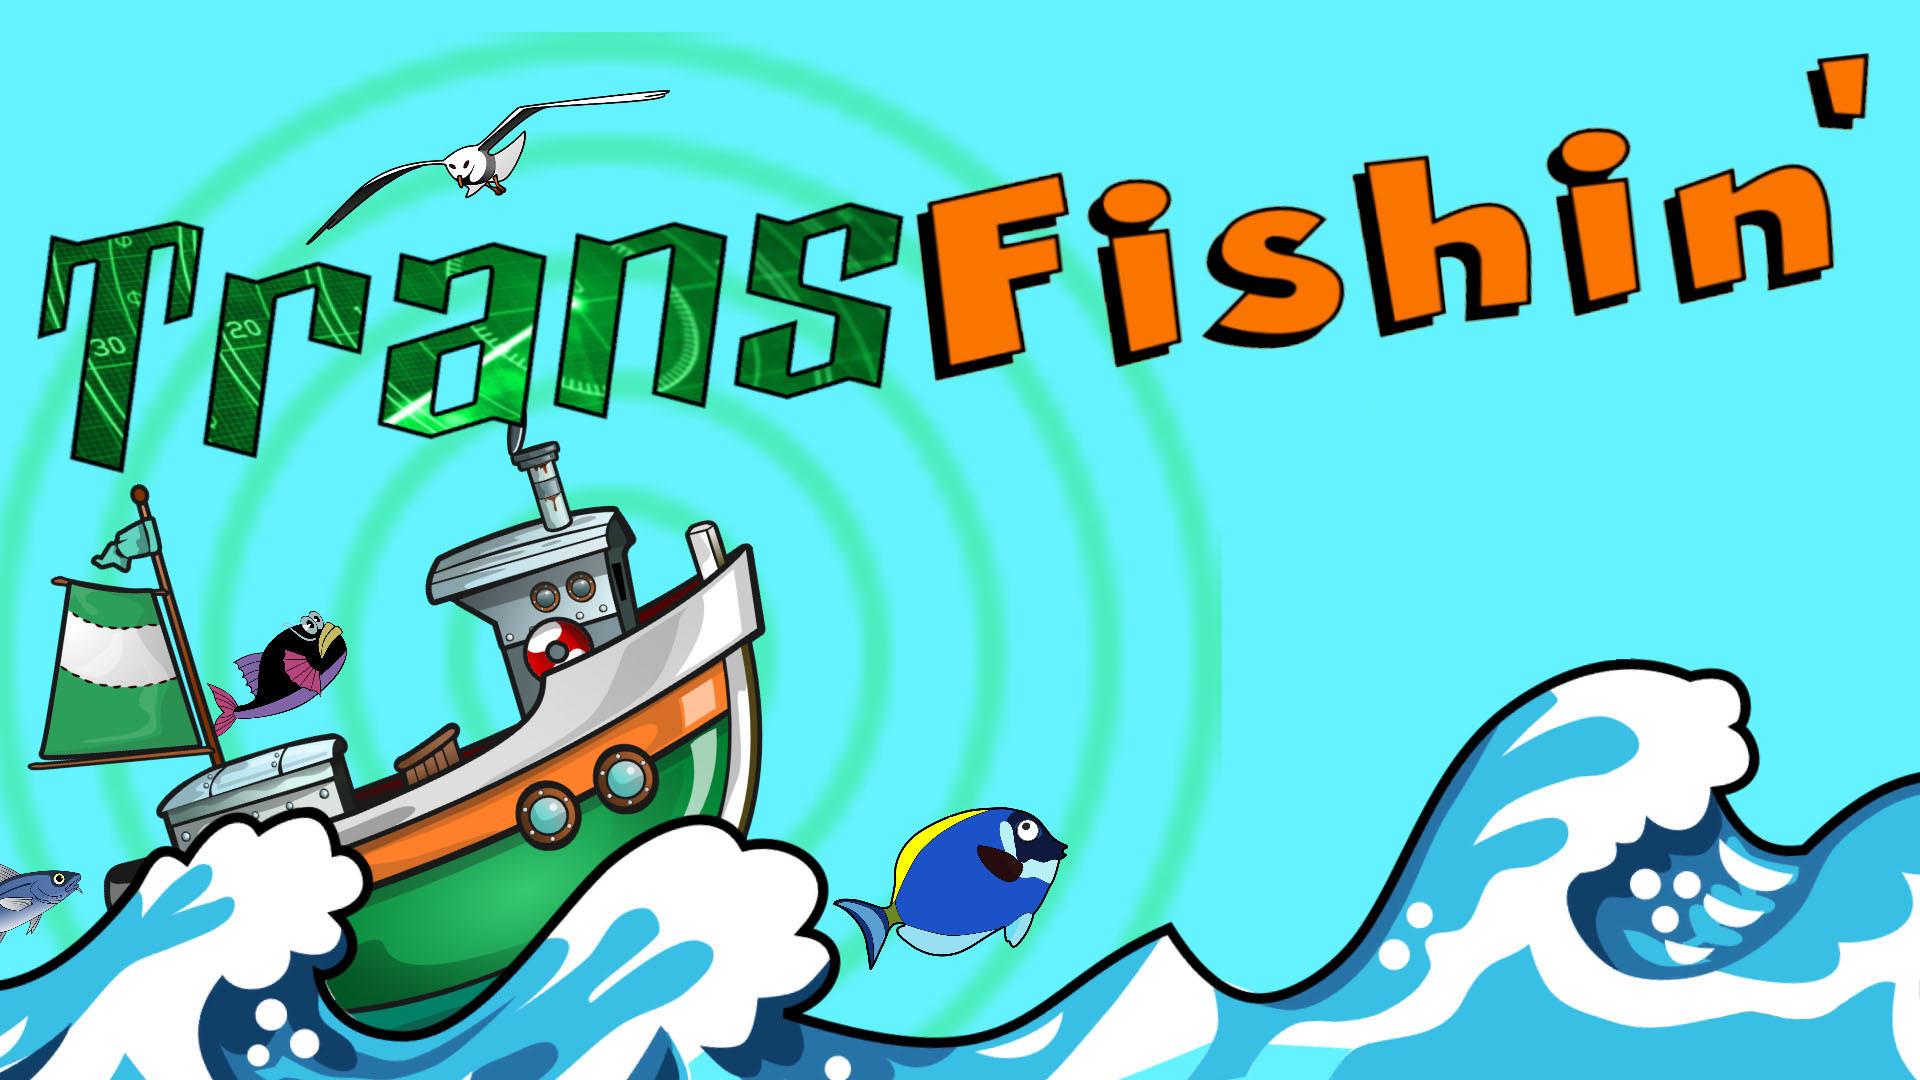 Transfishin'